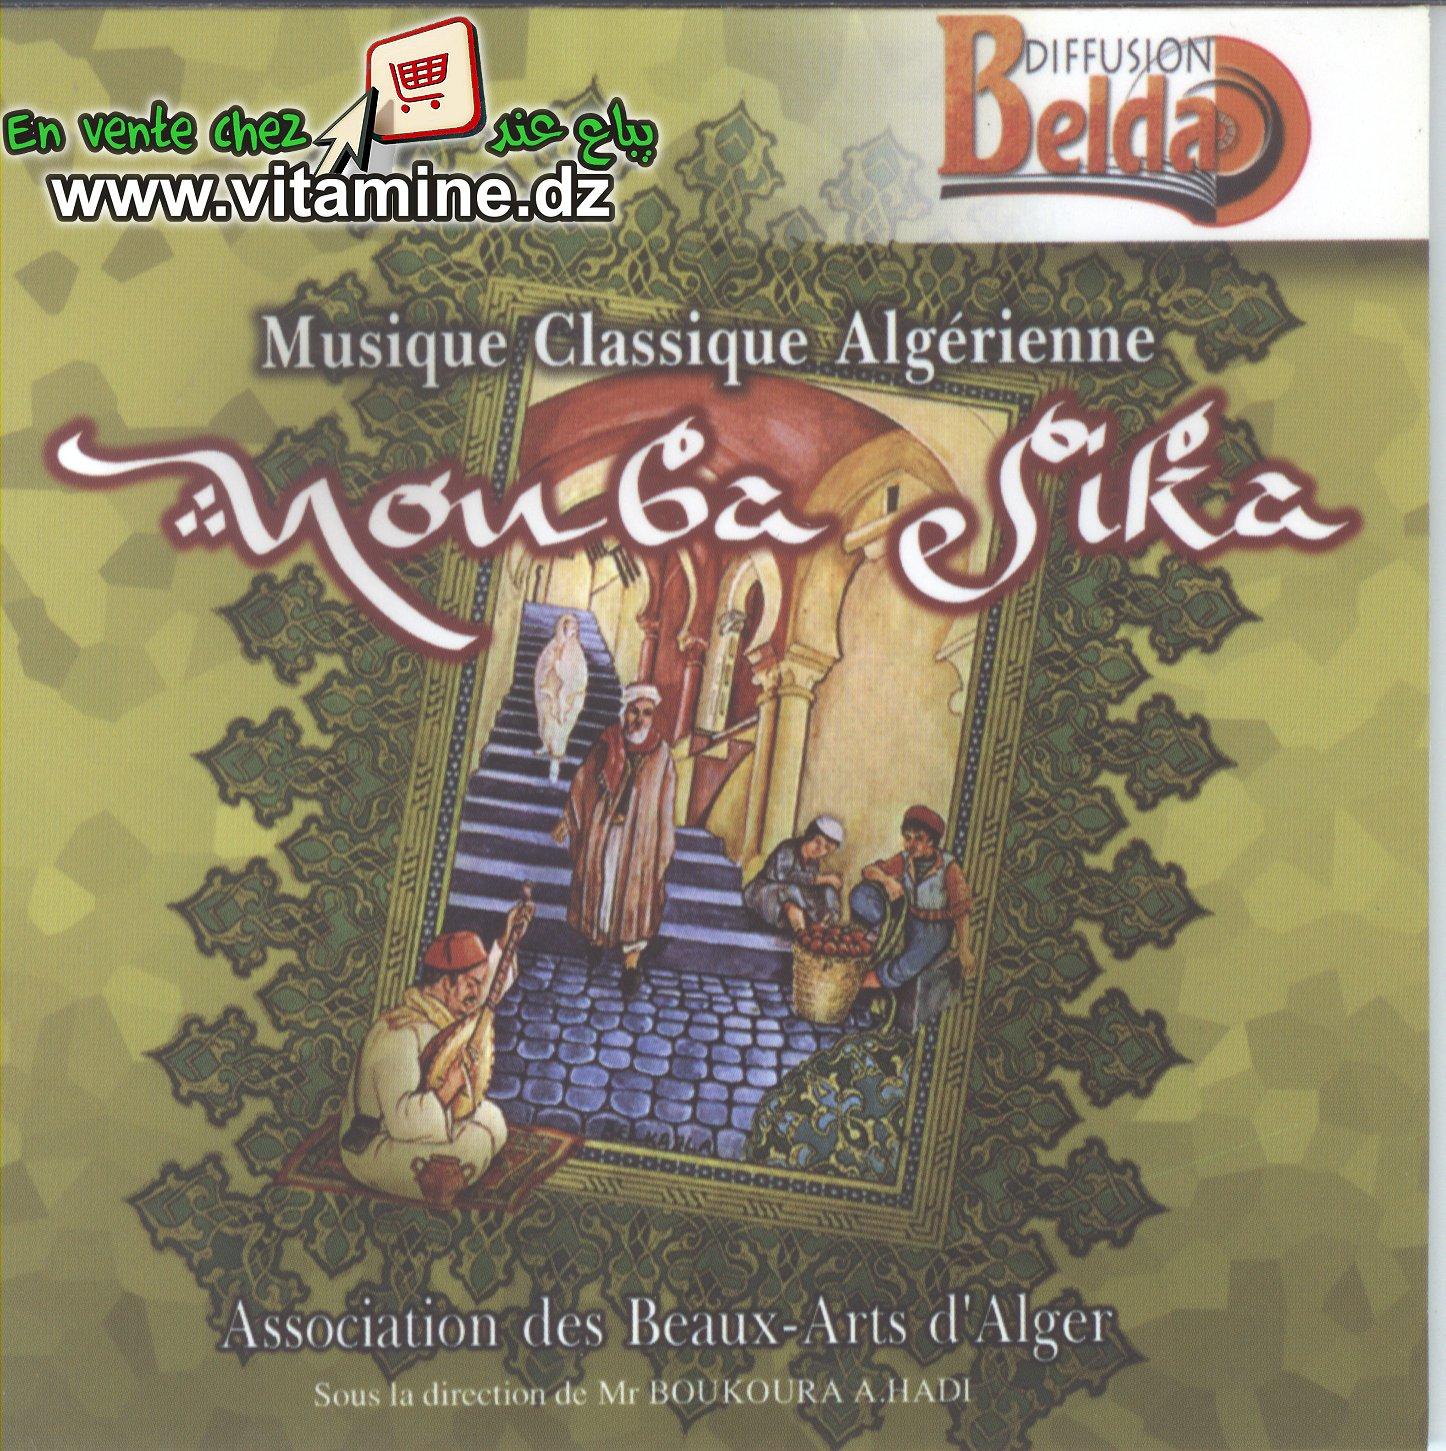 Association des Beaux-Arts d'Alger - nouba sika